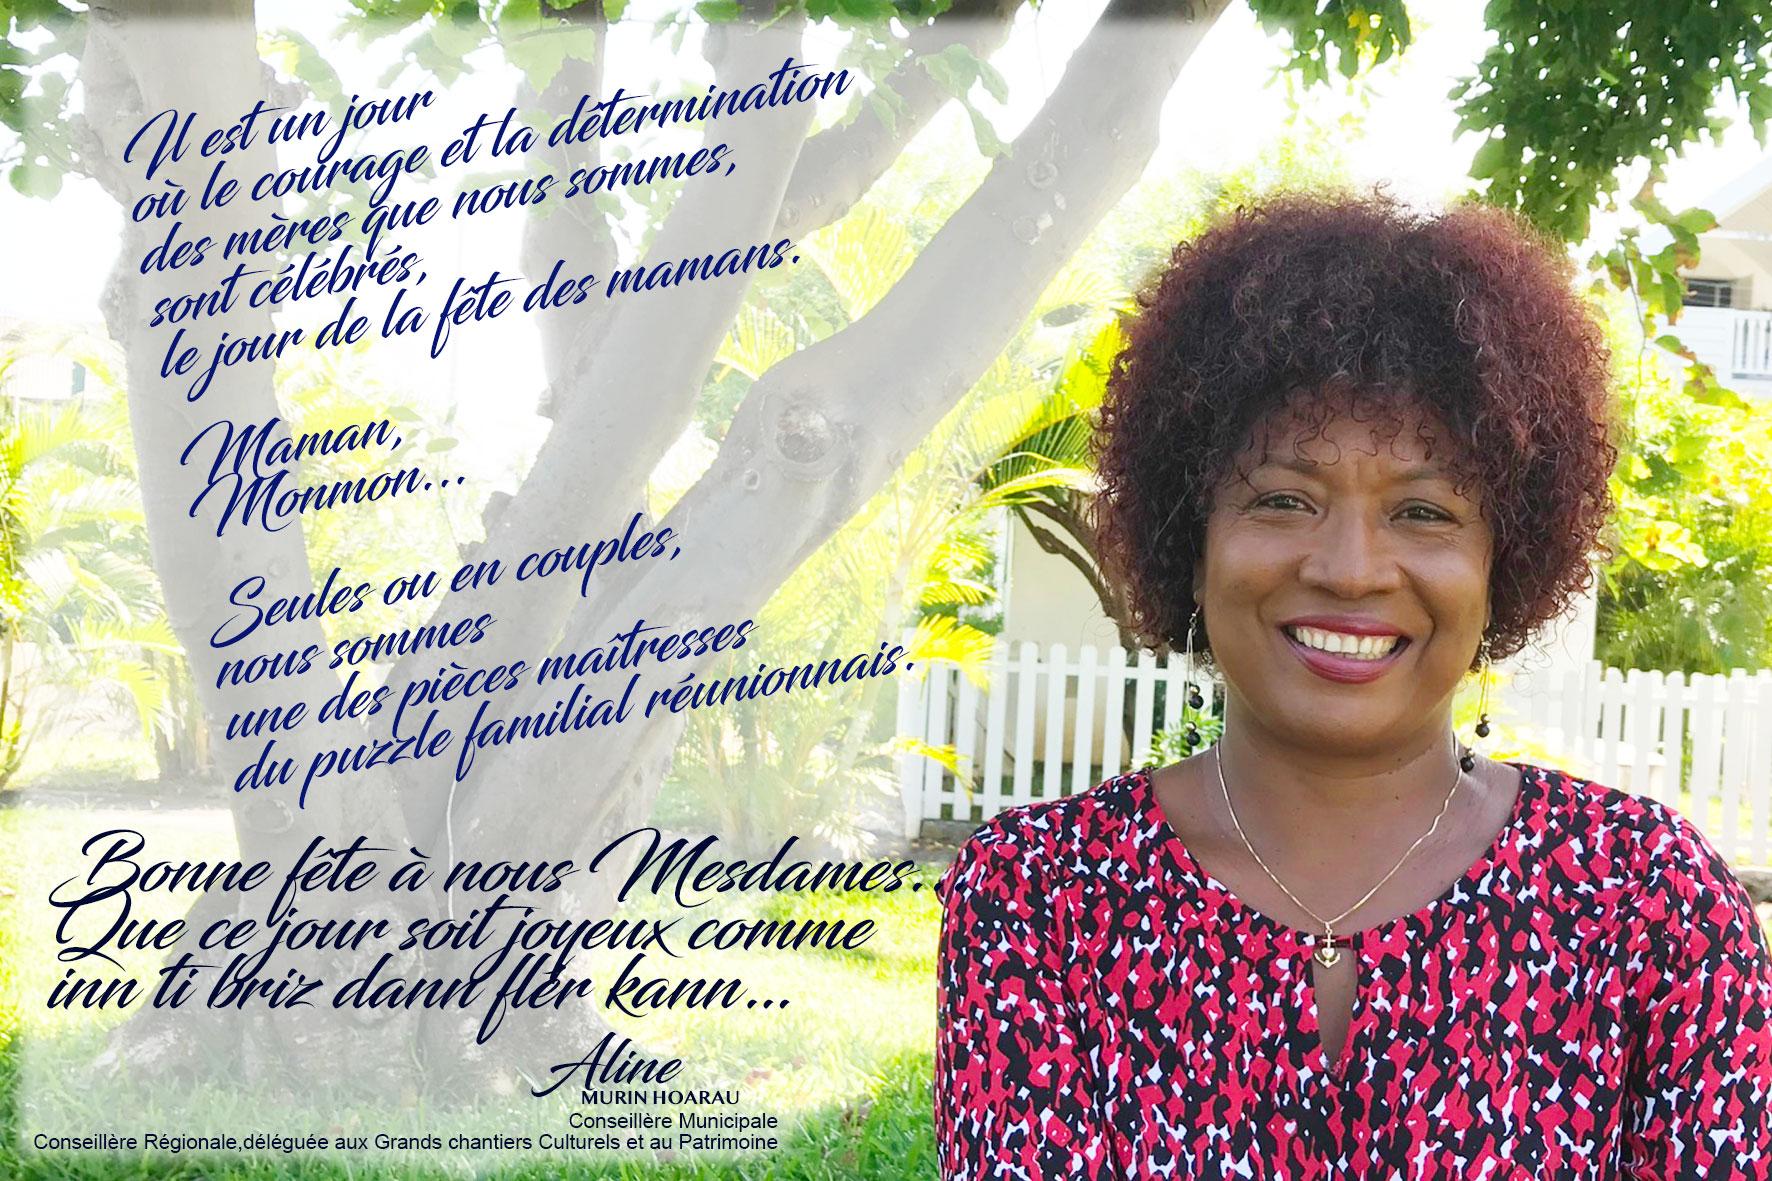 Honneur aux mamans